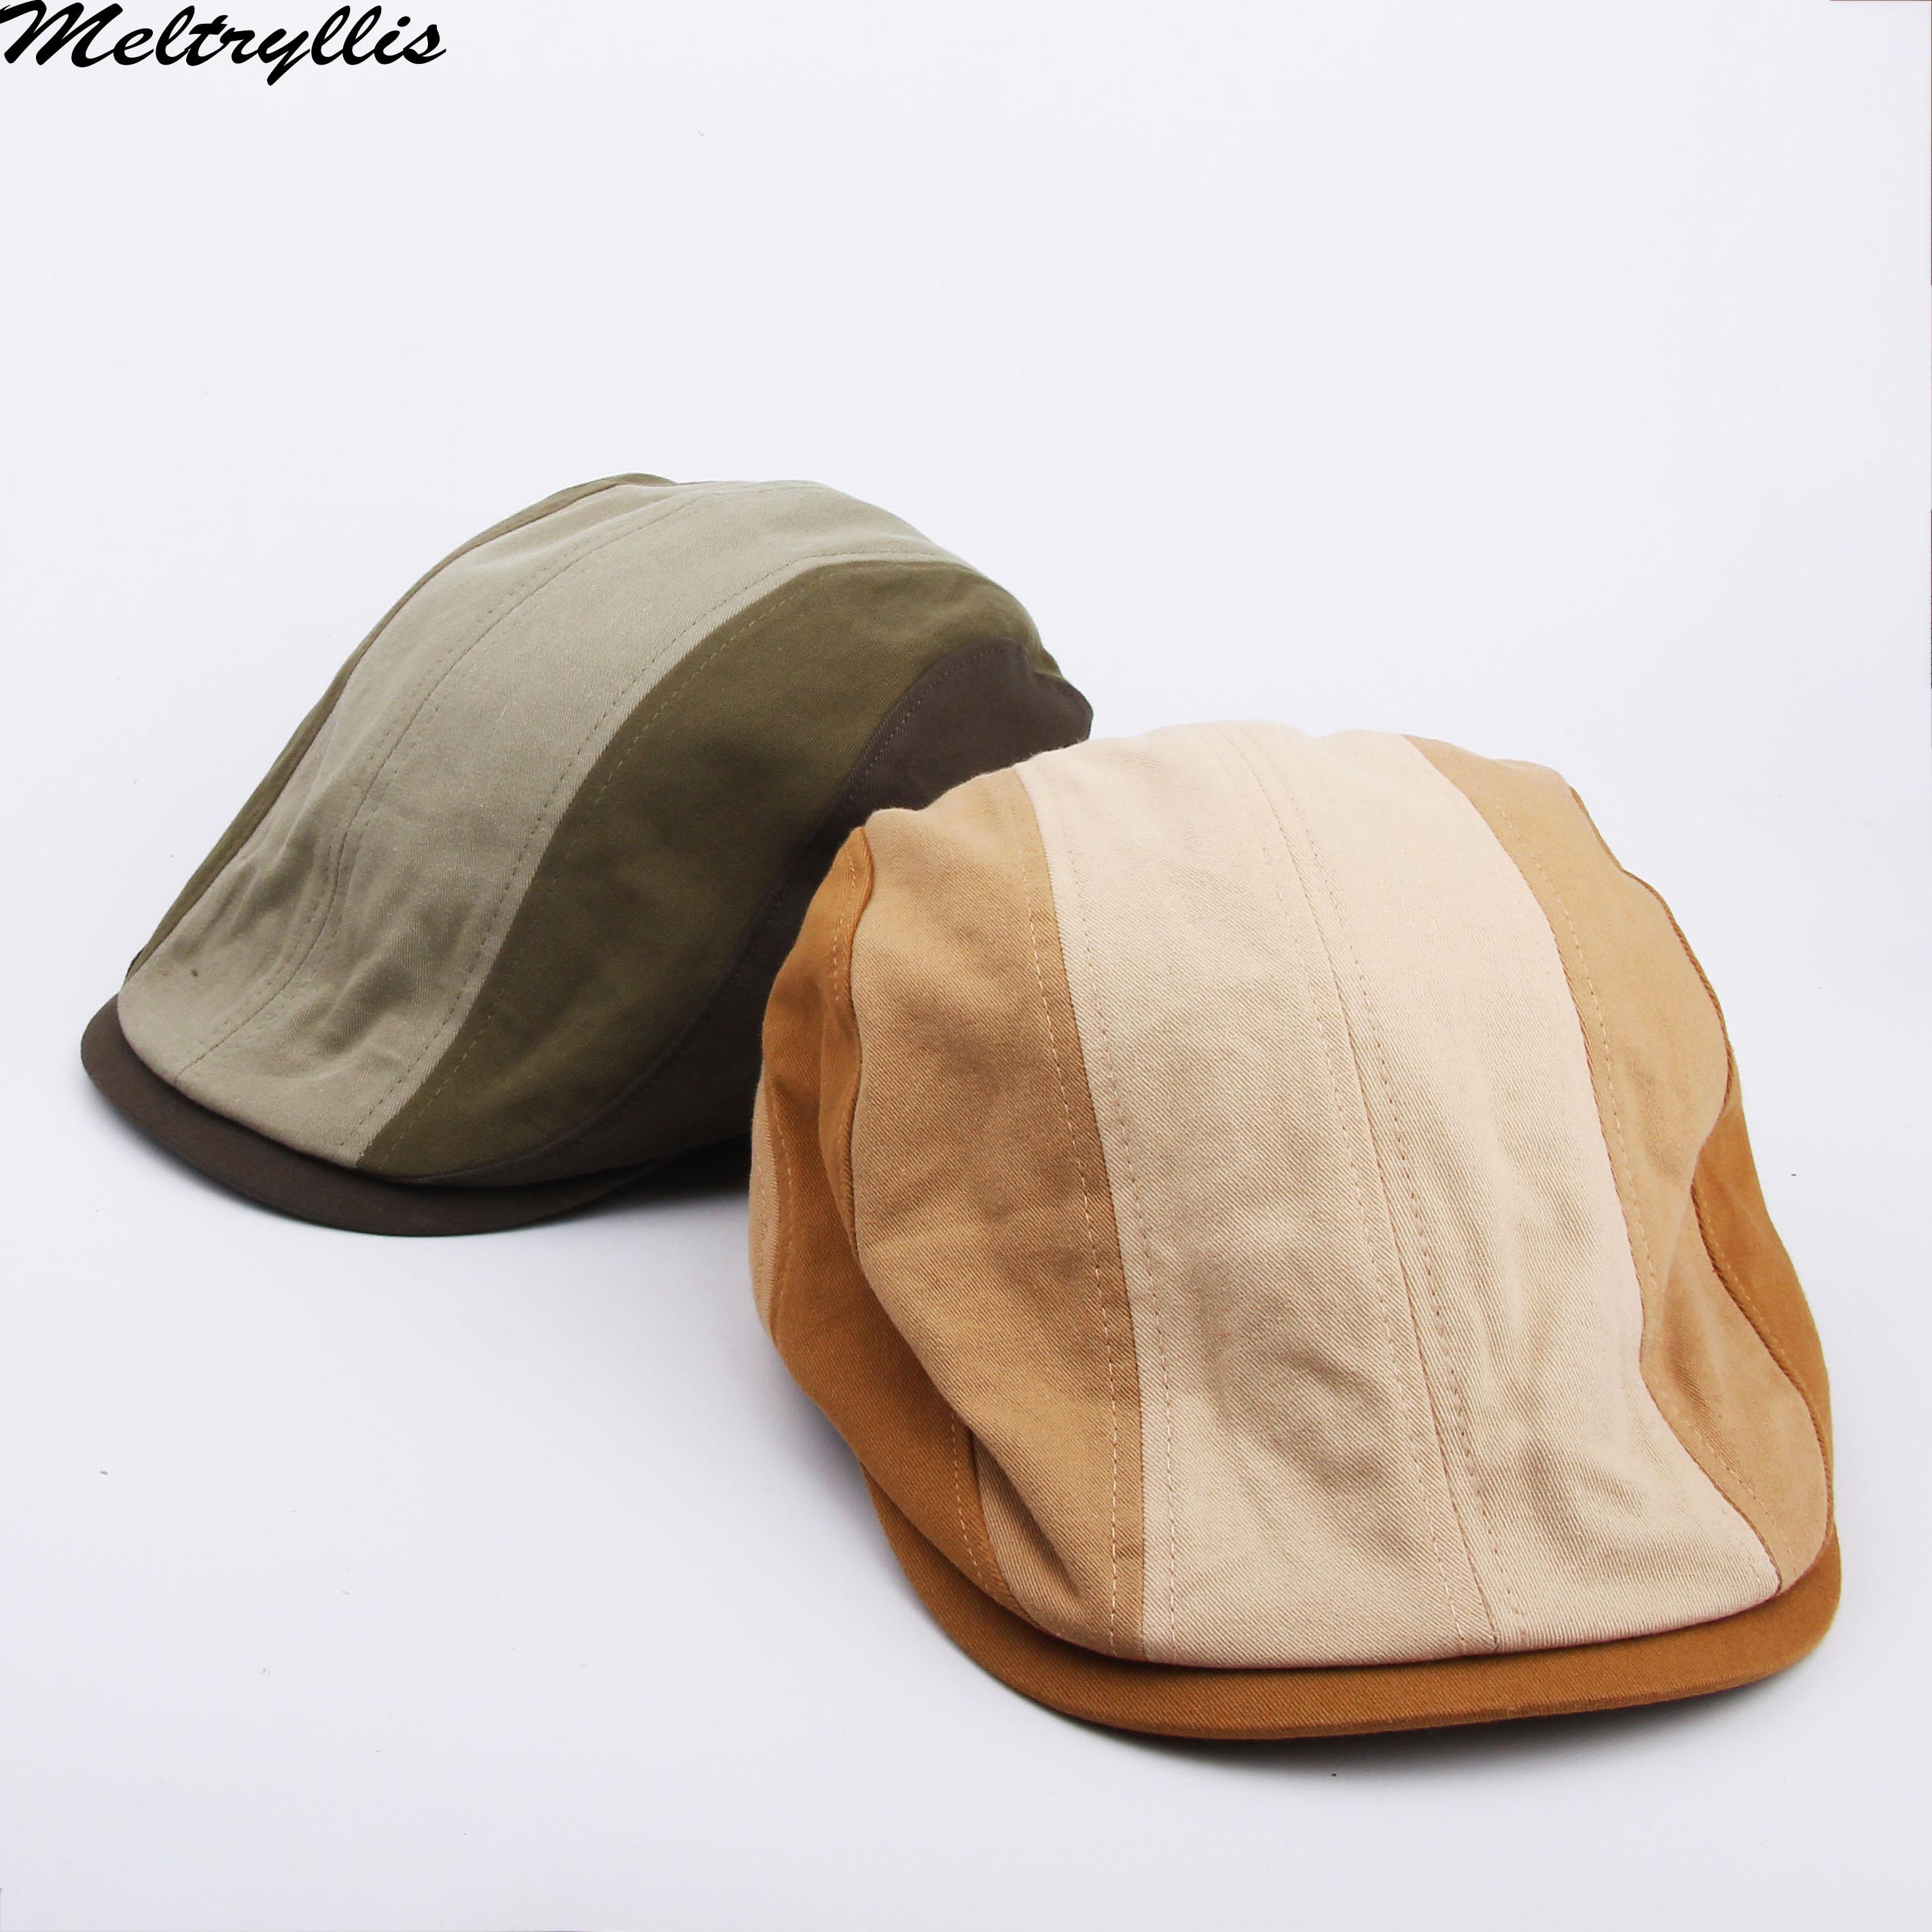 [Meltryllissa] Новый хлопковый берет, кепка, Мужская кепка, Кепка с козырьком Duckbill, Кепка-кабильник, летняя Классическая кепка газетчика, кепка для ...